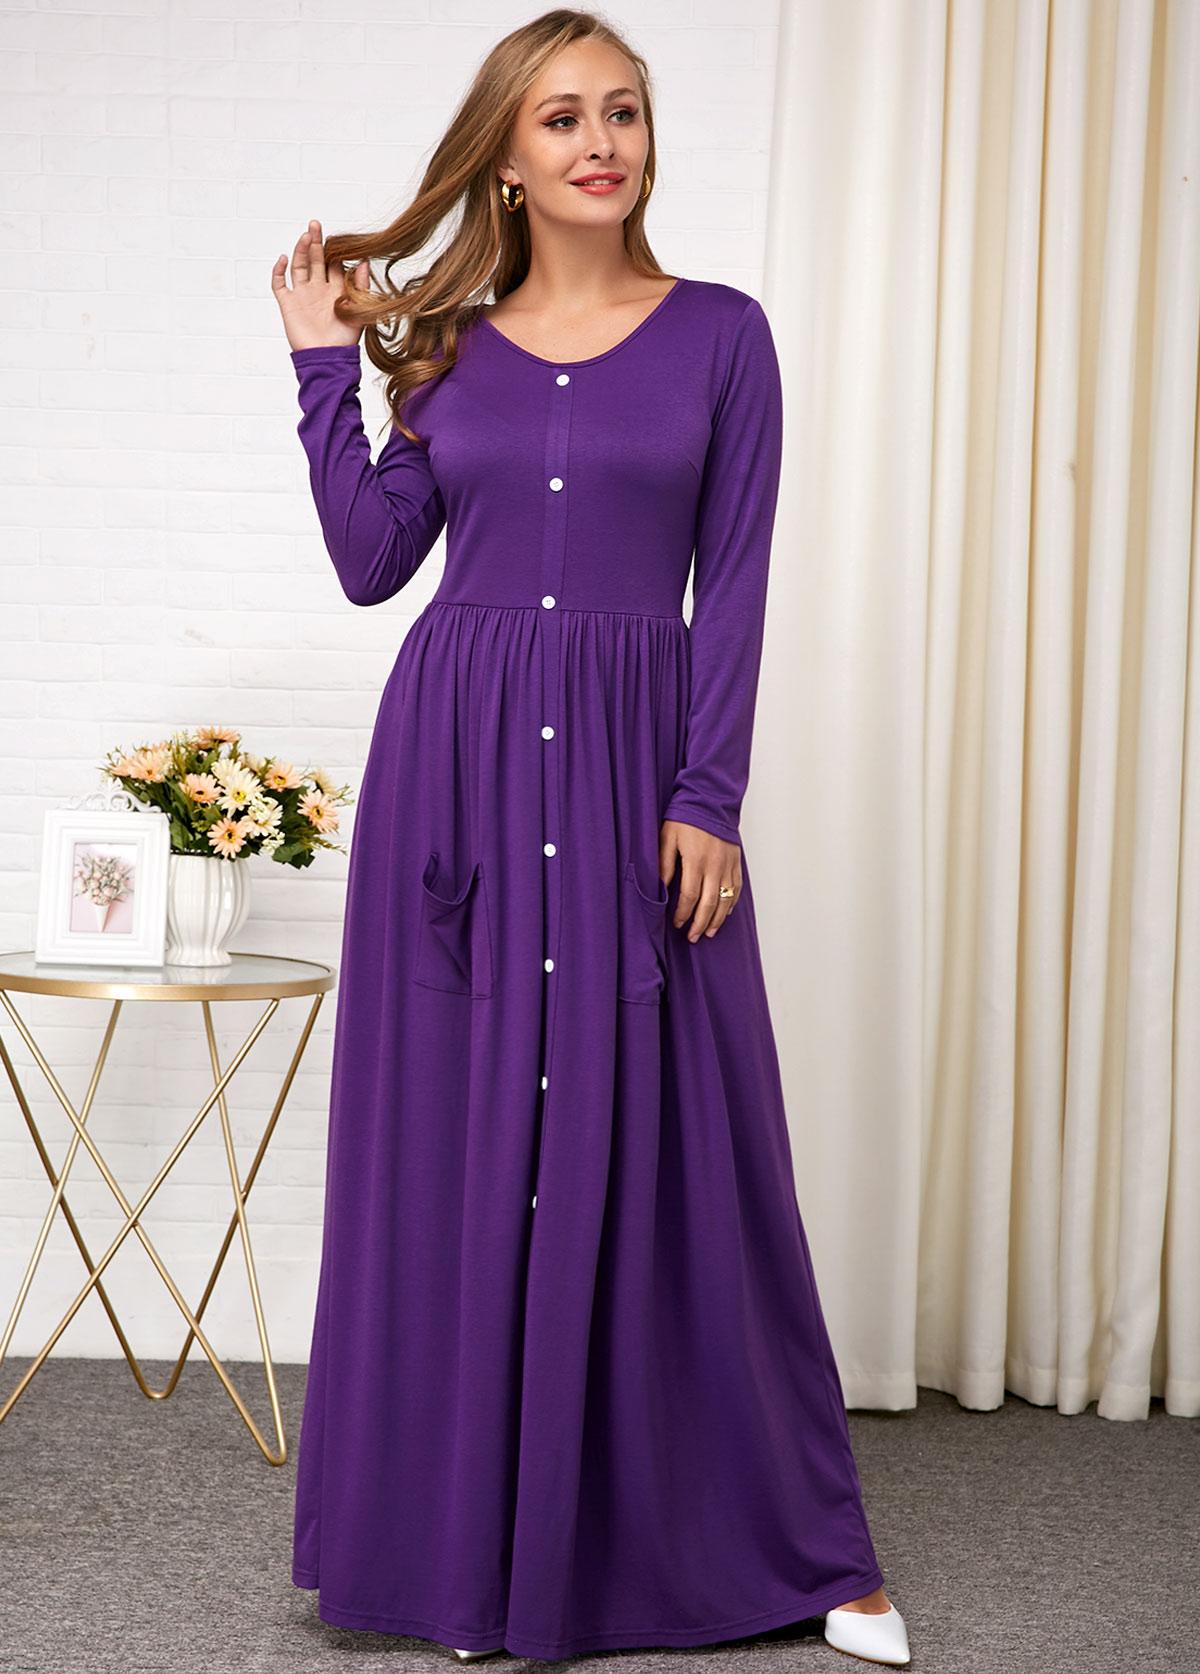 Button Detail Purple Round Neck Dress